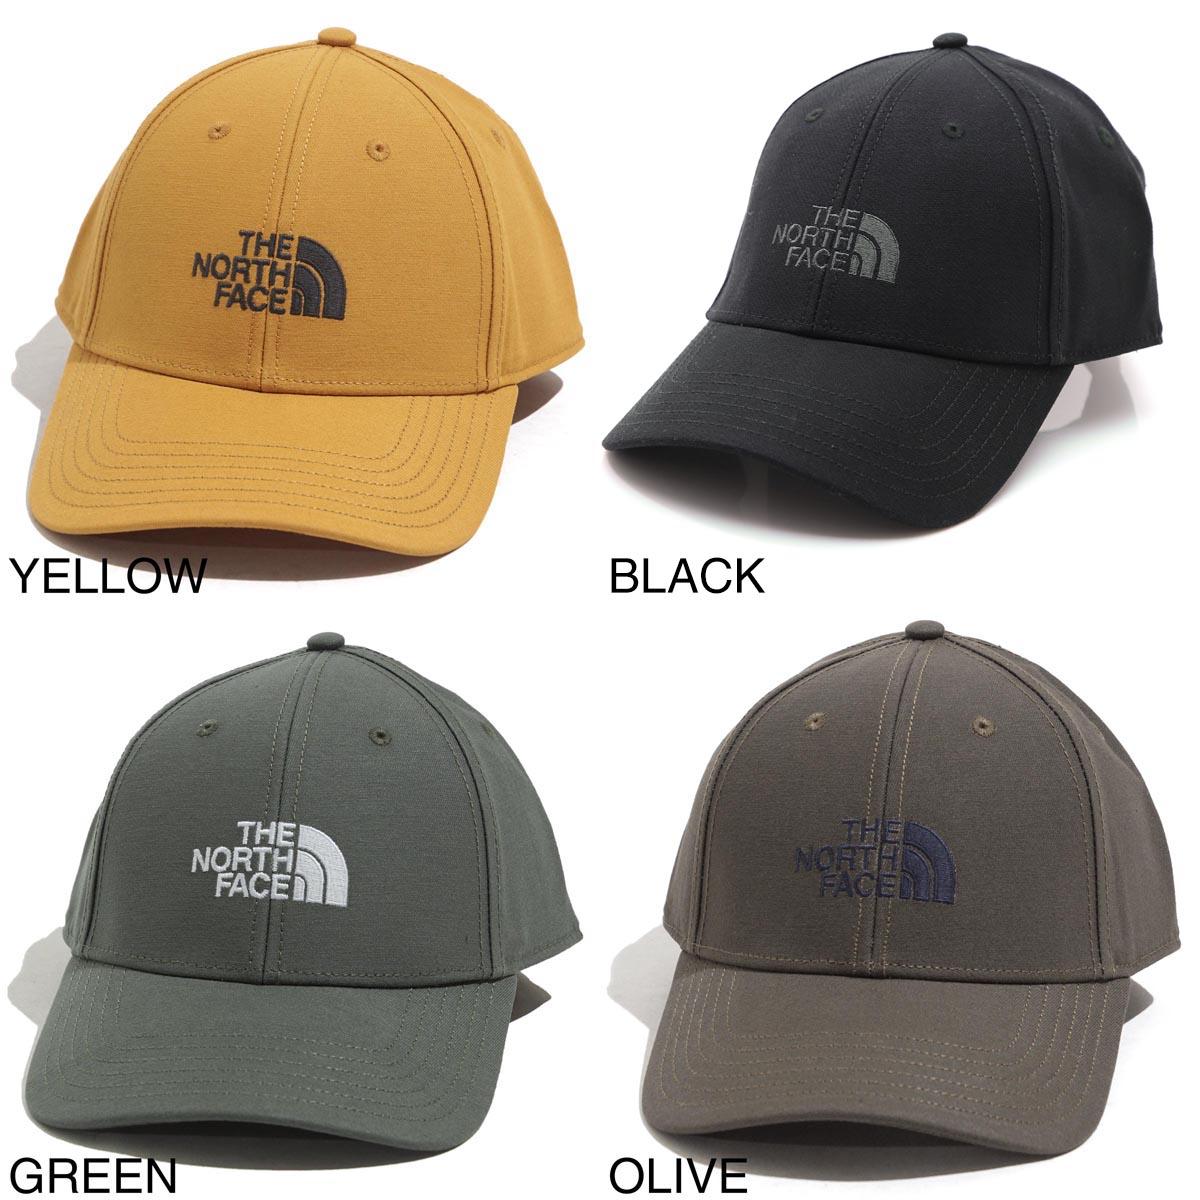 THE NORTH FACE ノースフェイス キャップ/66 CLASSIC HAT メンズ